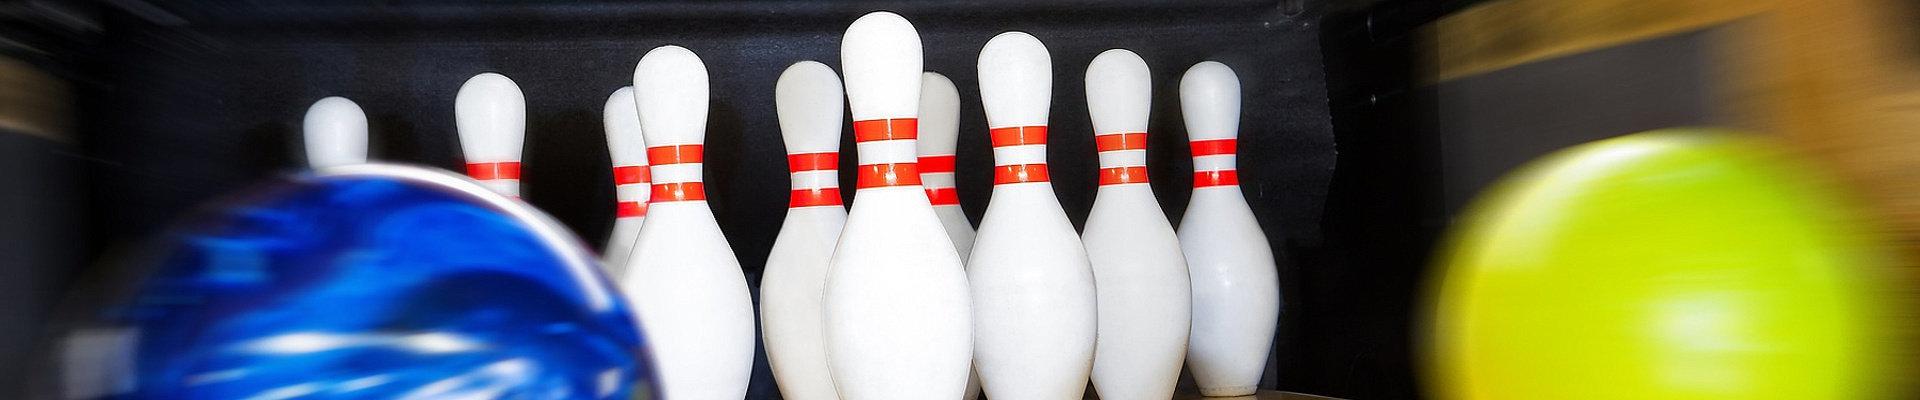 troja-bowling-1920x400.jpg